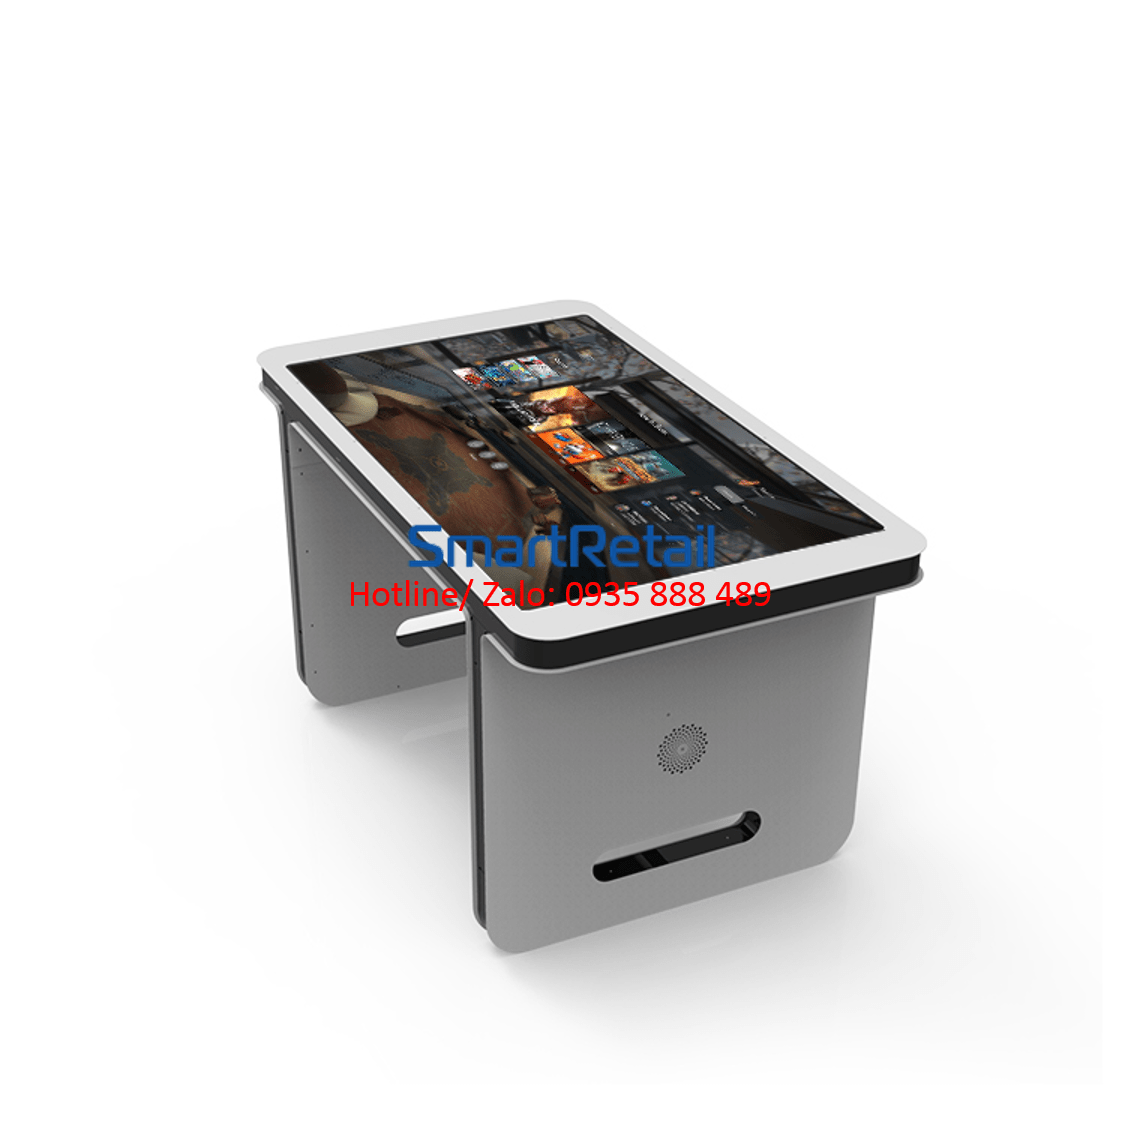 SmartRetail bàn màn hình quảng cáo 55 inches 2